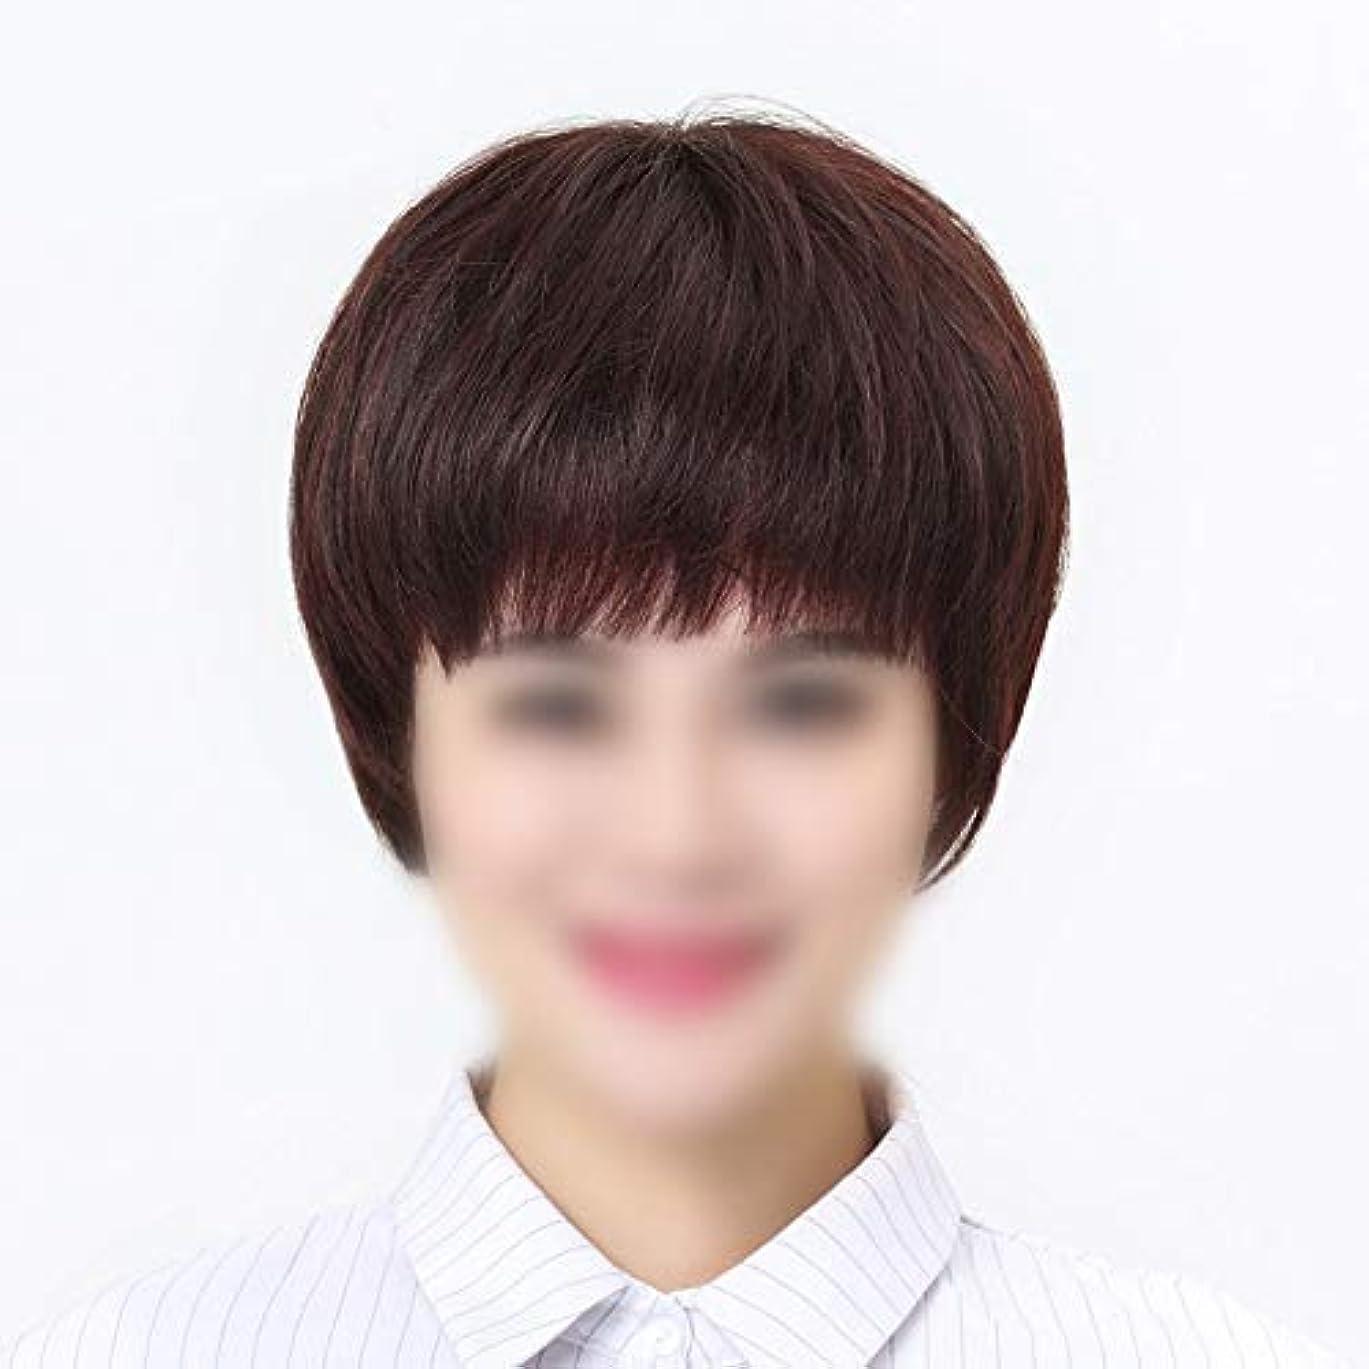 水曜日アブストラクト代替YOUQIU 中年女性ウィッグ用ショートストレートヘアウィッグ女性のための手織りニードルウィッグリアルタイム髪 (色 : Natural black, サイズ : Hand-needle)